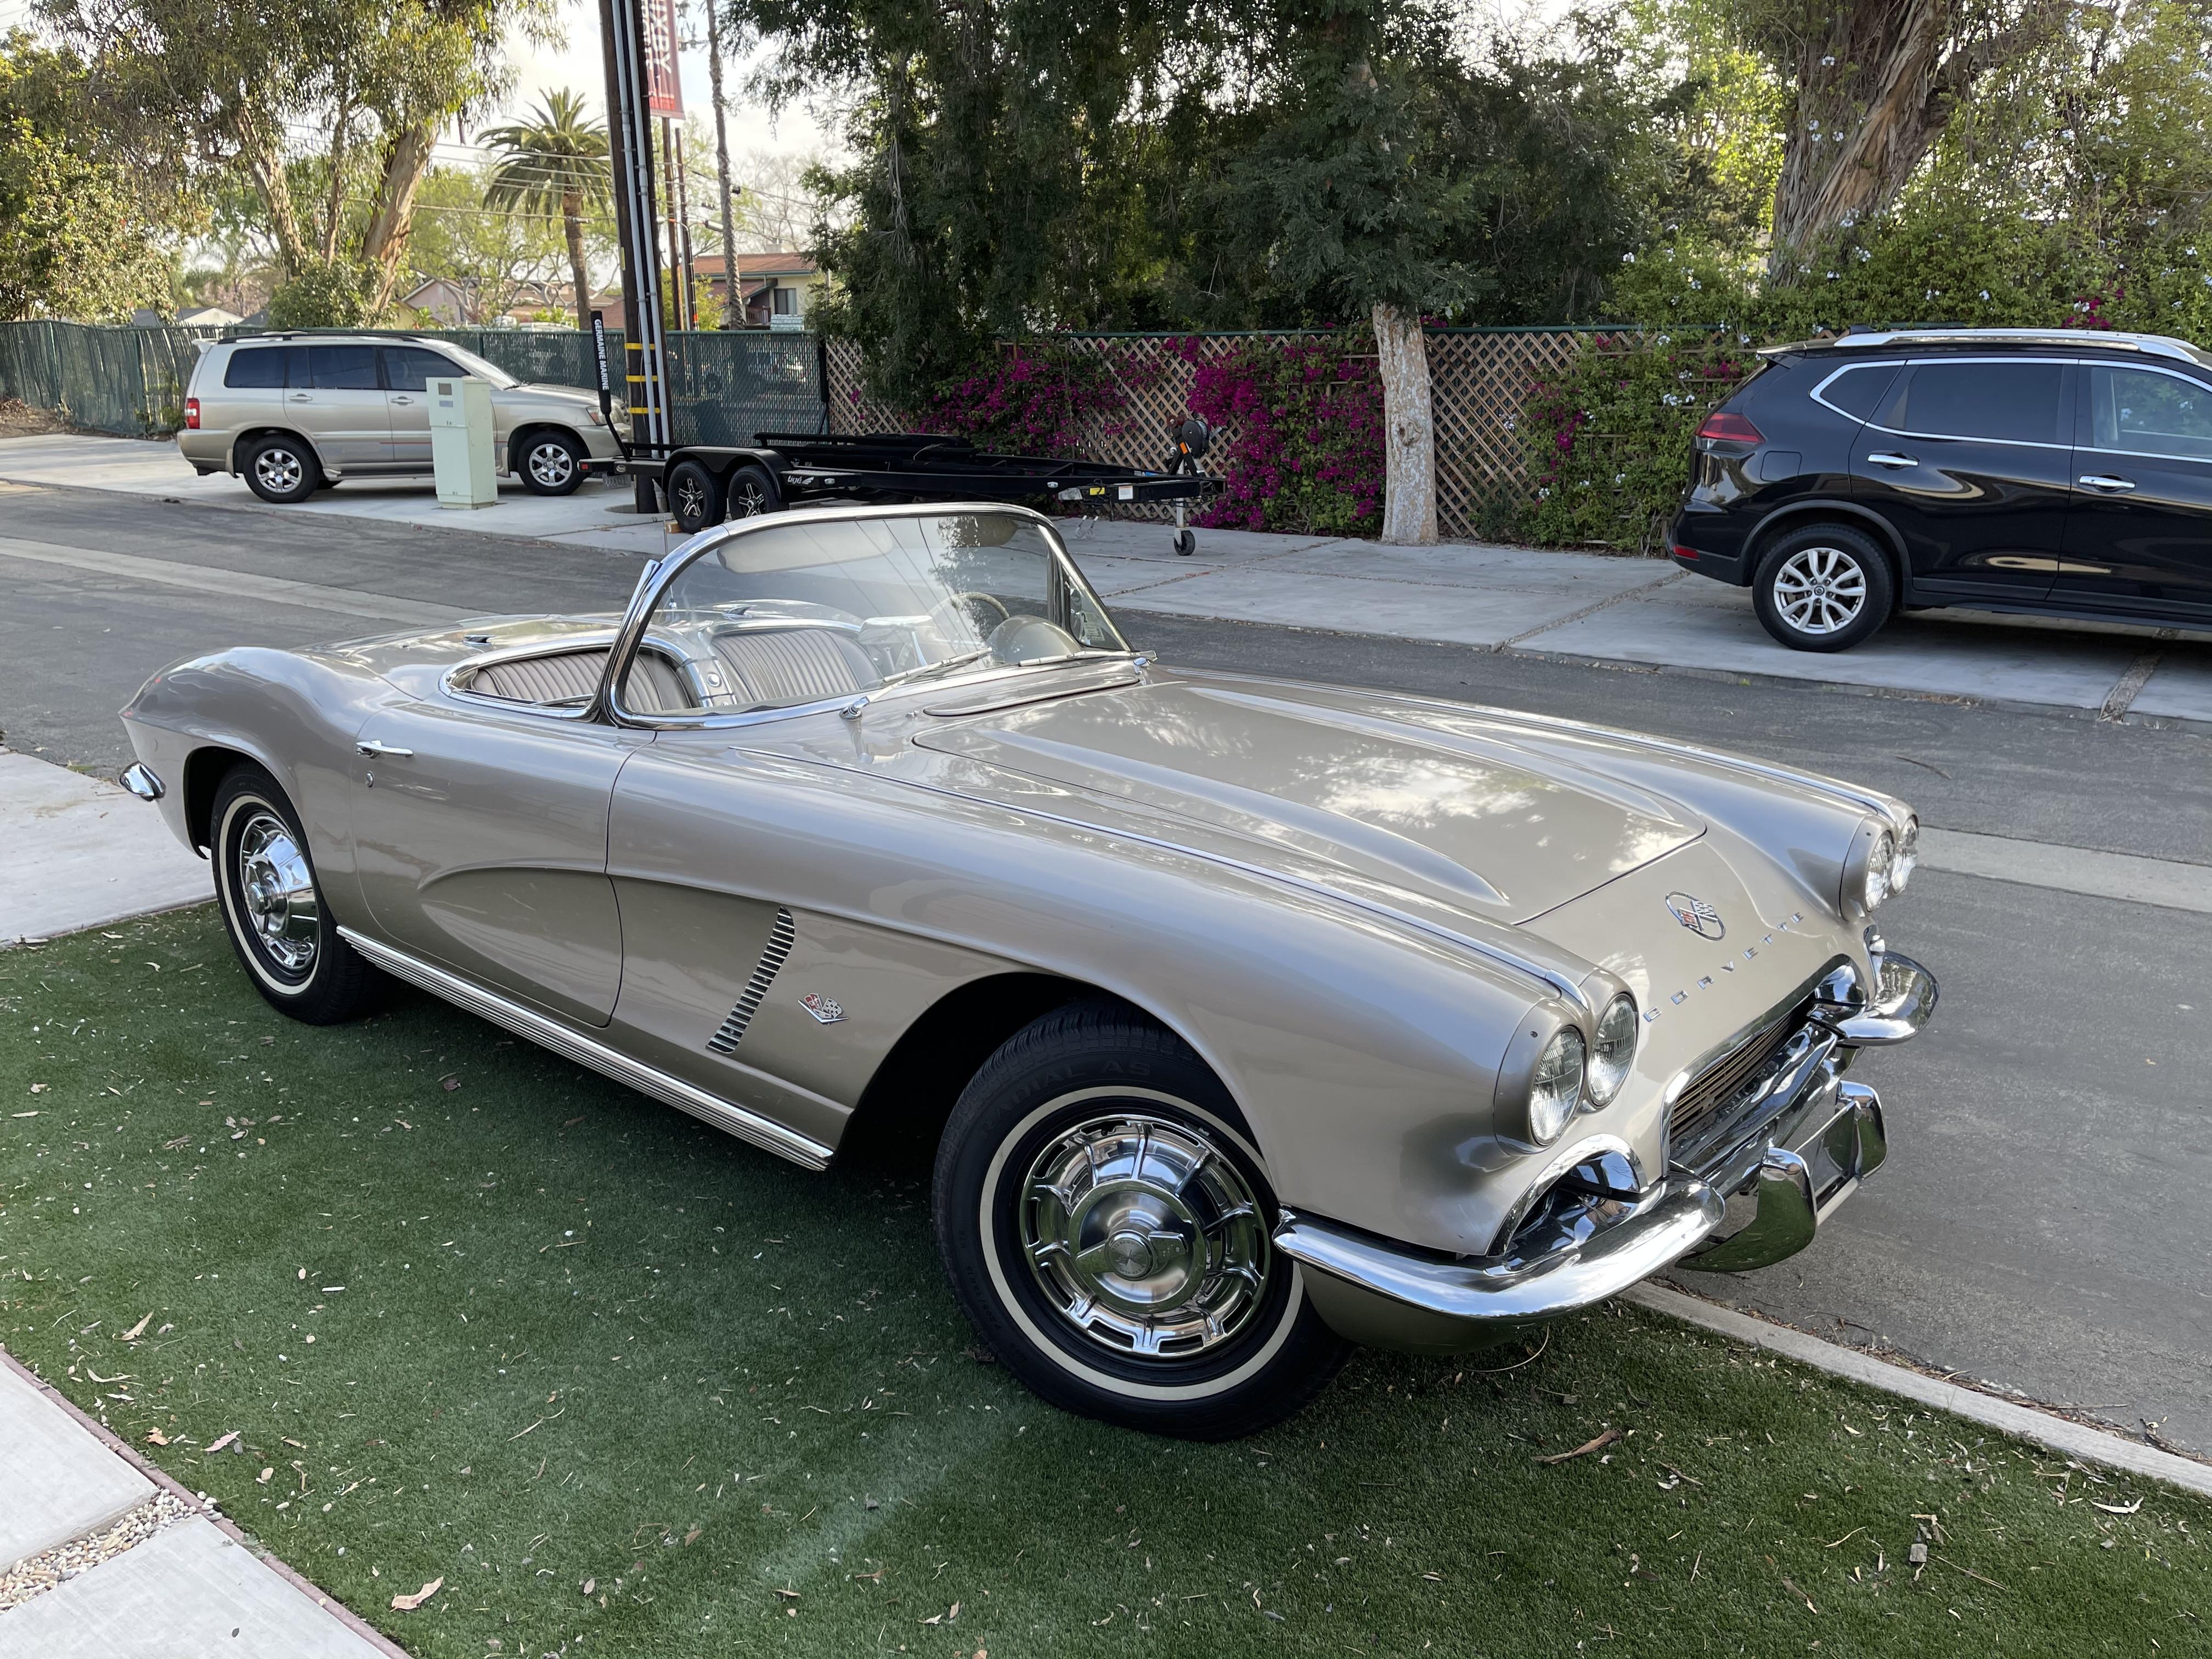 Chevrolet Corvette Hire Long Beach